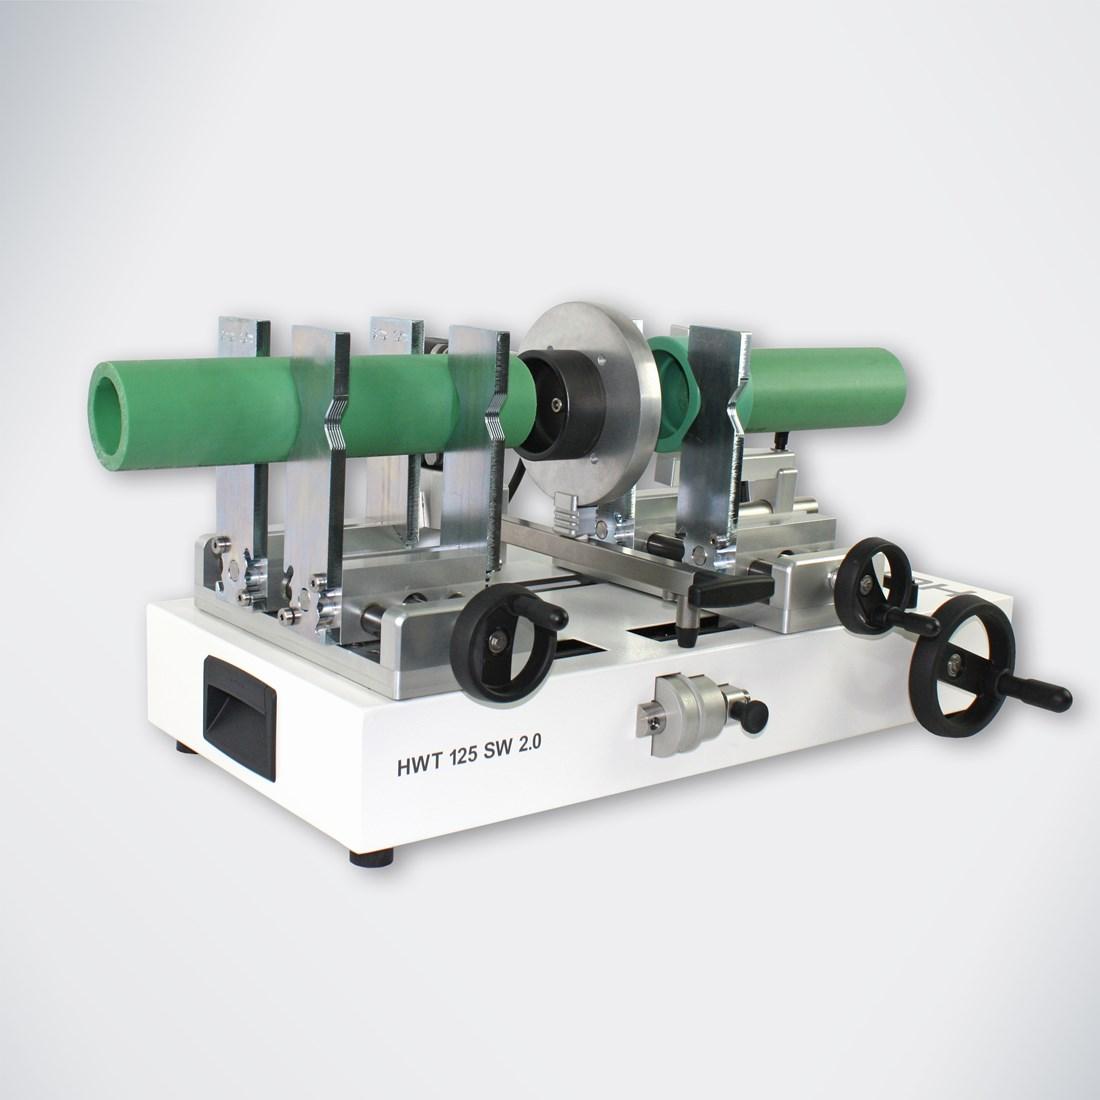 Hurner Moflasmachine HWT 125 SW 2.0 d20 t/m d125 Type a 230V 1500W Incl kist en lasbussen 410-000-000